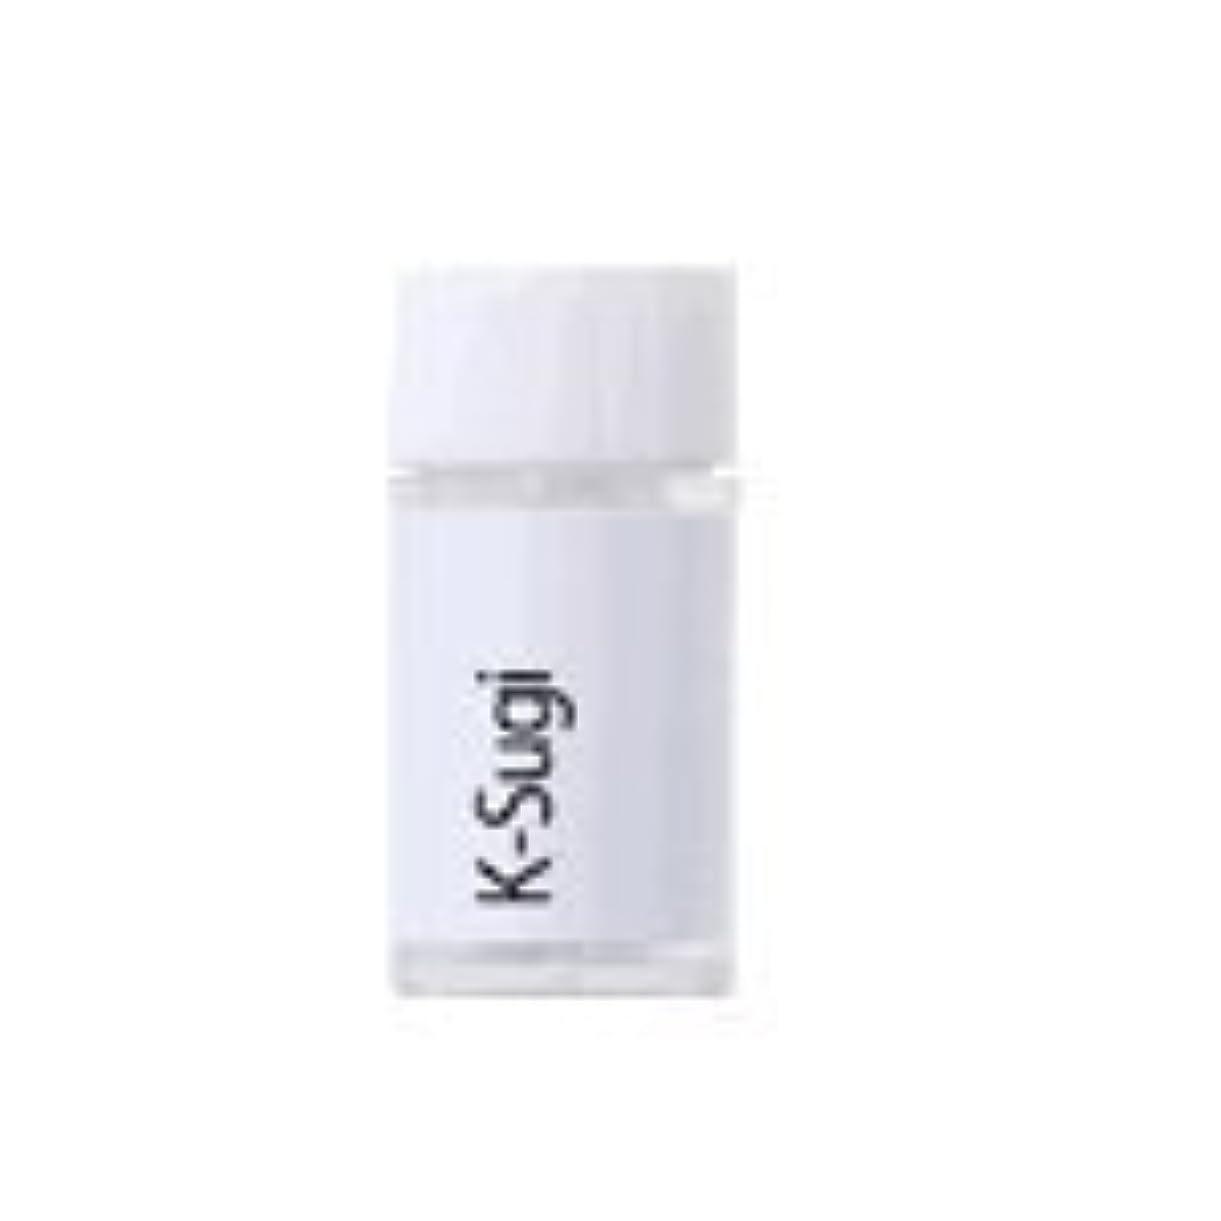 むしゃむしゃのホストヘビーKシリーズ レメディー 単品 (小ビン(1.5g/約30粒), K-Sugi)